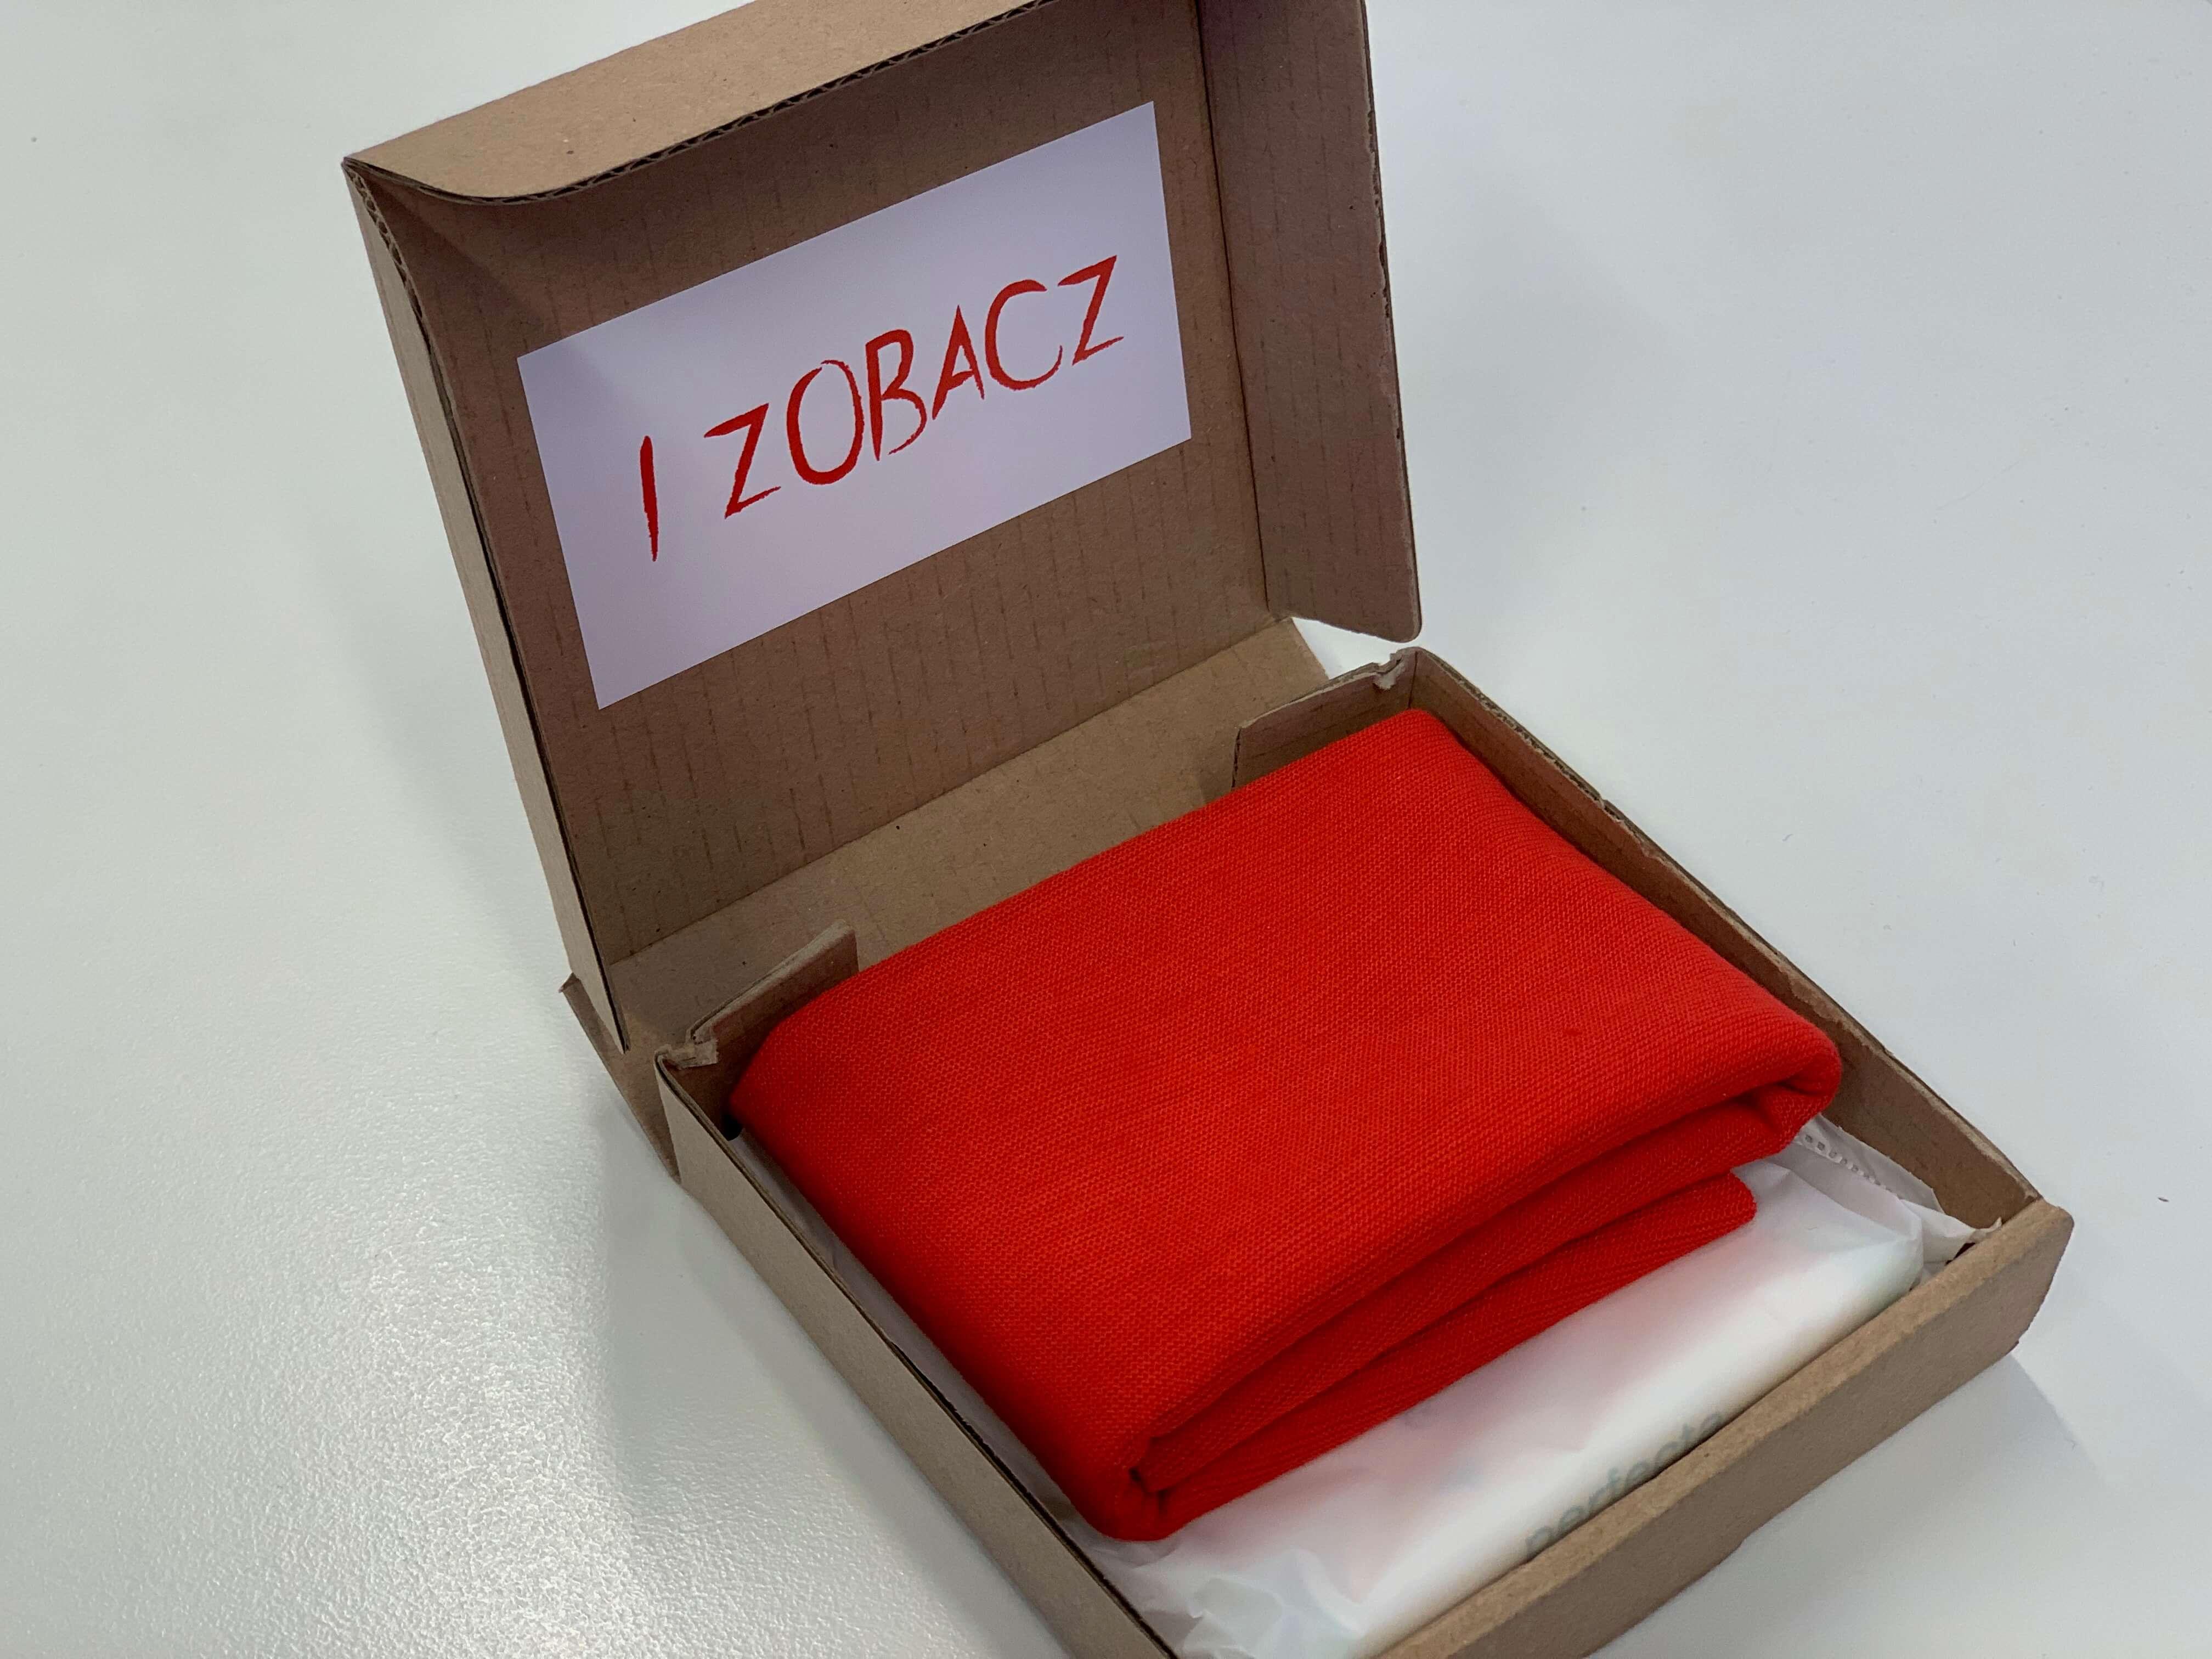 """Otwarte tekturowe pudełko, z napisem """"I zobacz"""" na wieczku i czerwoną opaską w środku."""